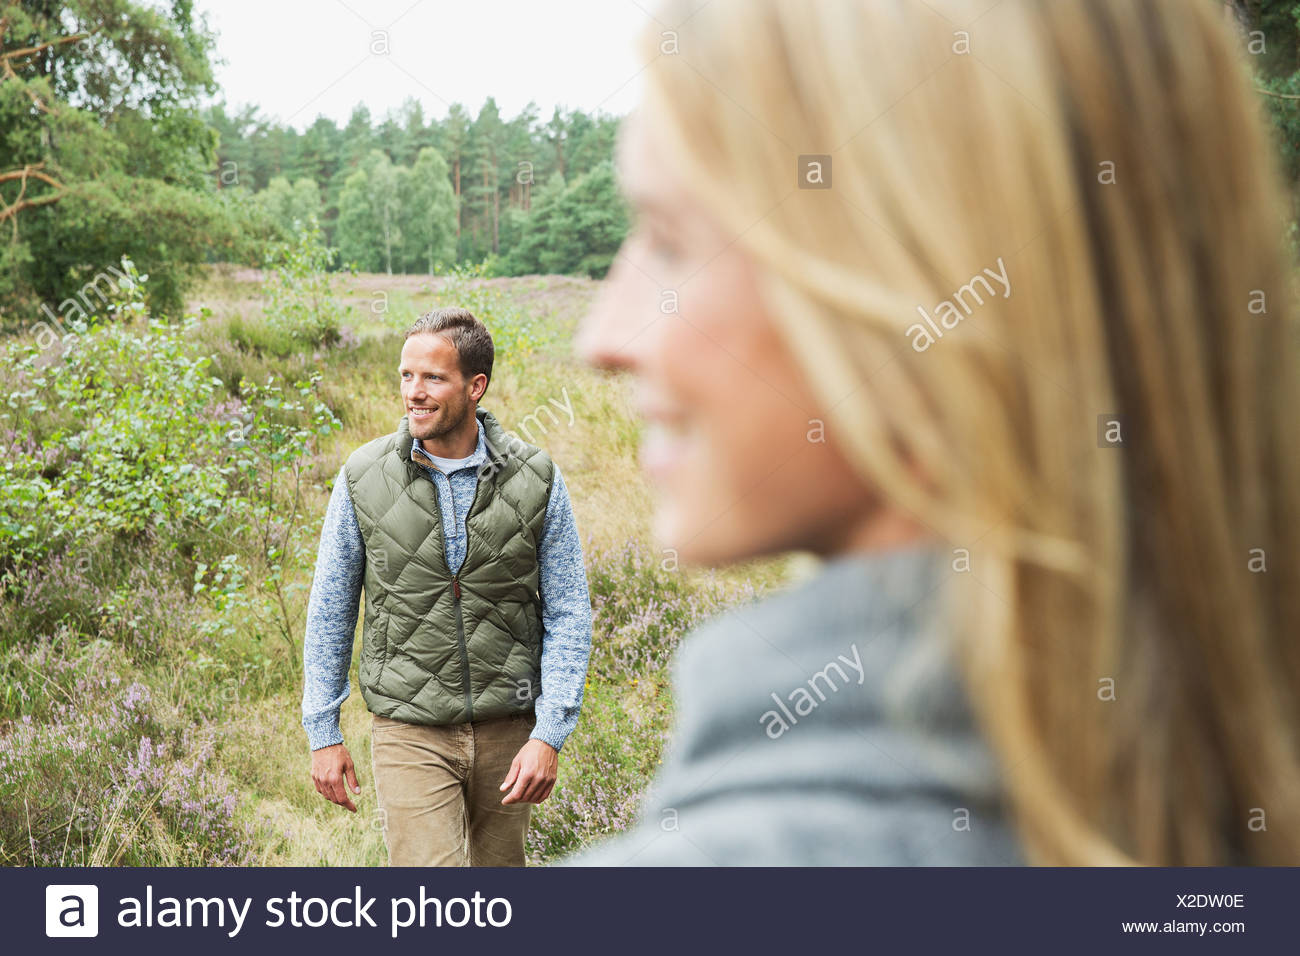 Metà uomo adulto che guarda lontano, donna sfocato in primo piano Immagini Stock